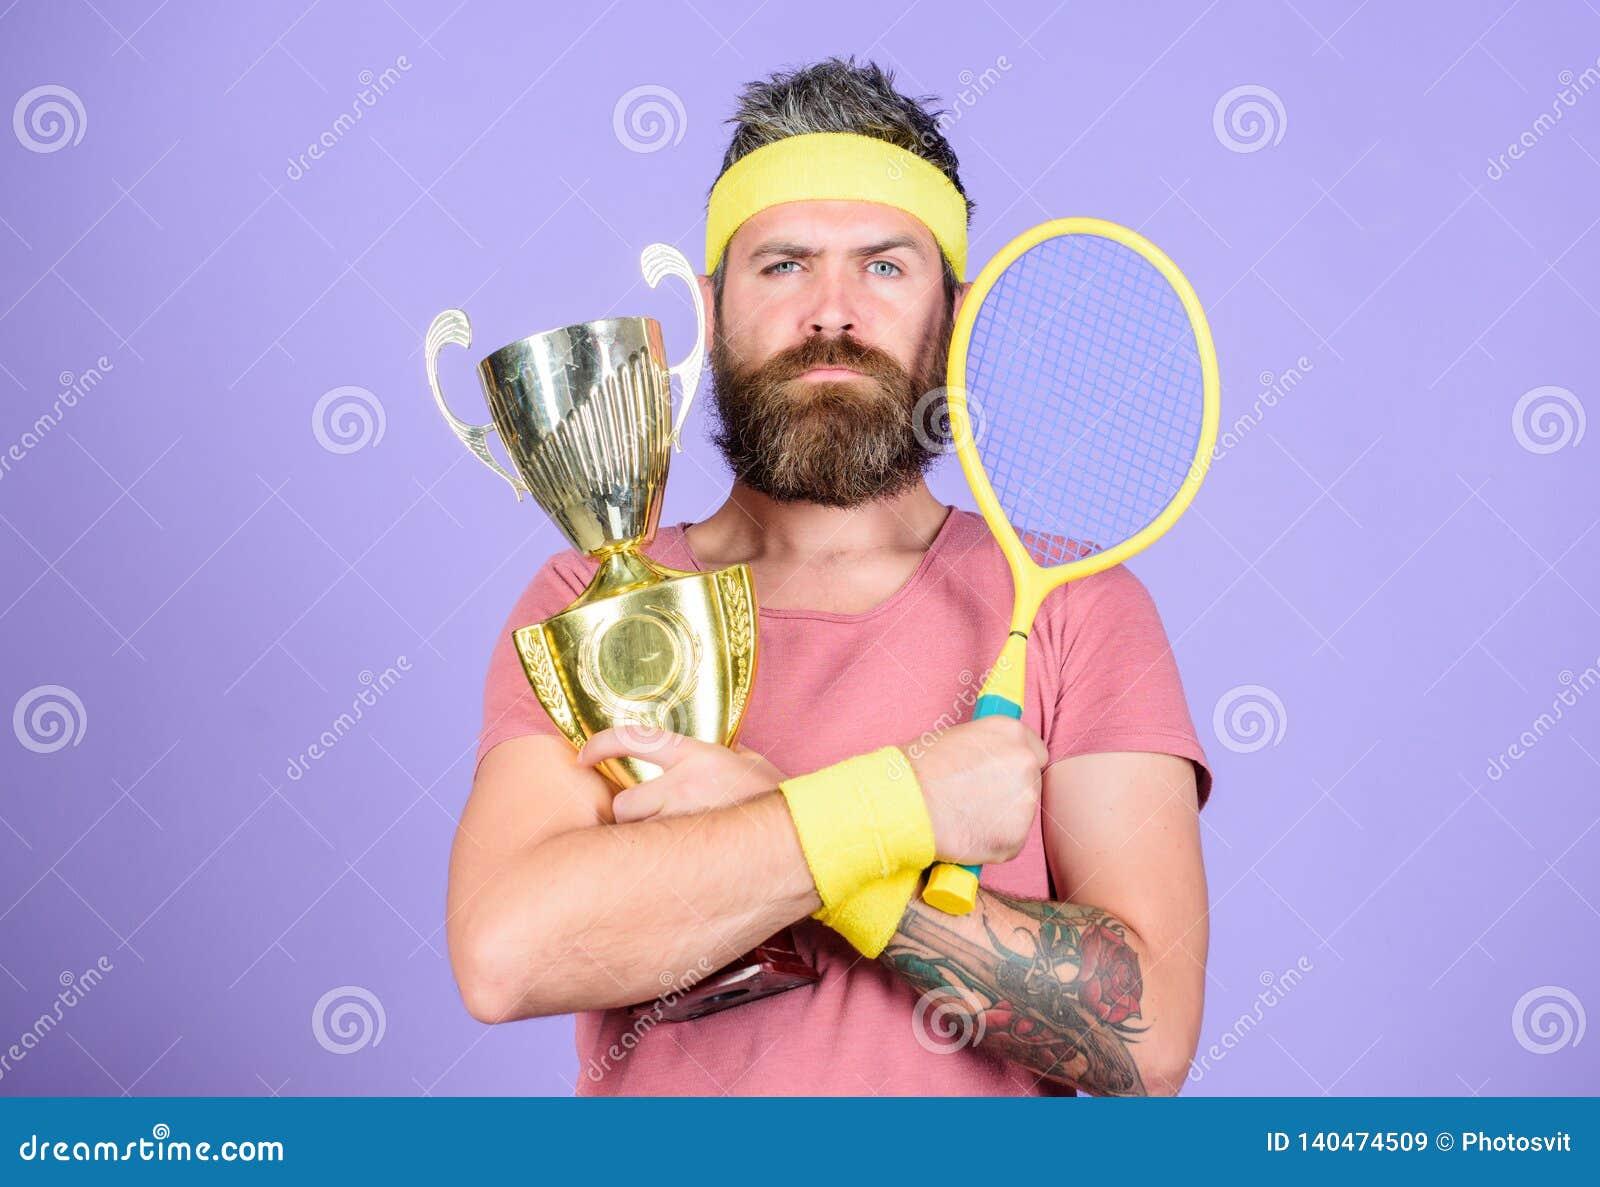 Equipo barbudo del deporte del desgaste del inconformista del hombre Éxito y logro Gane cada partido del tenis que participo aden